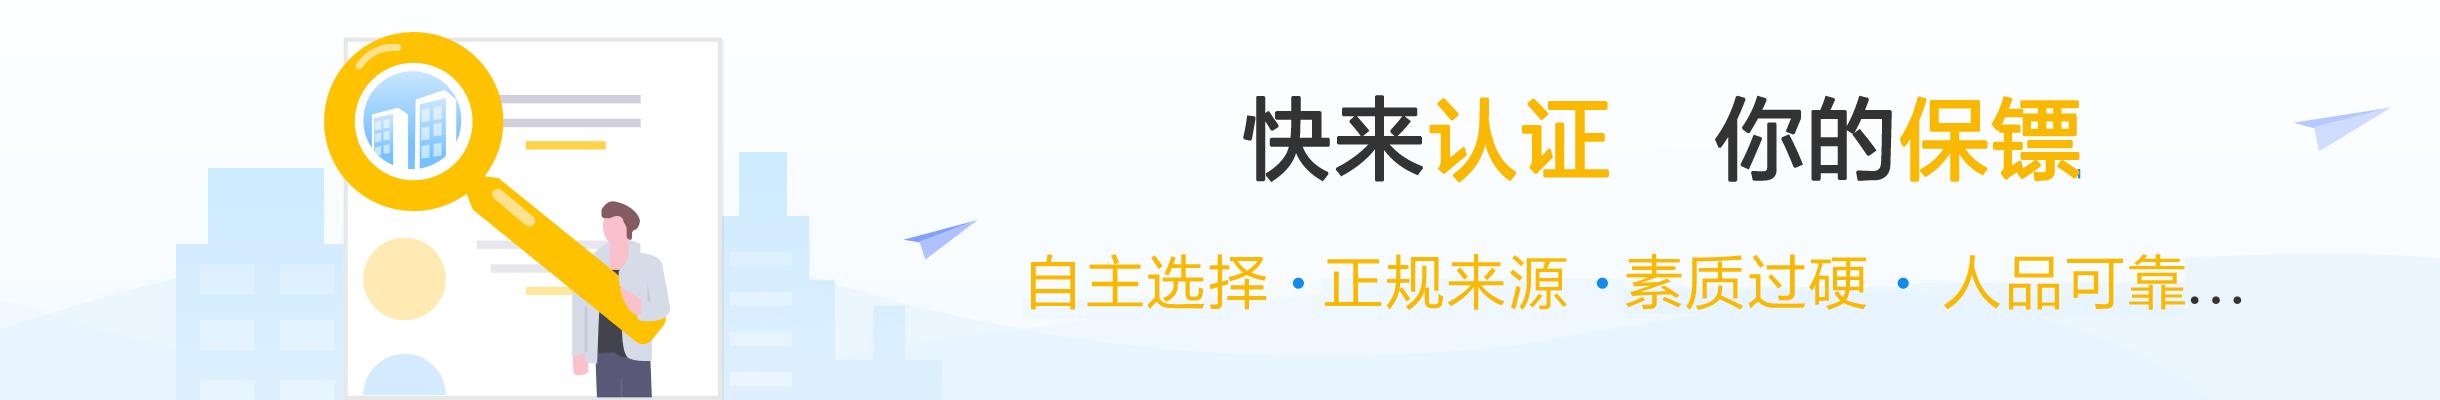 远德威廉希尔中文公司